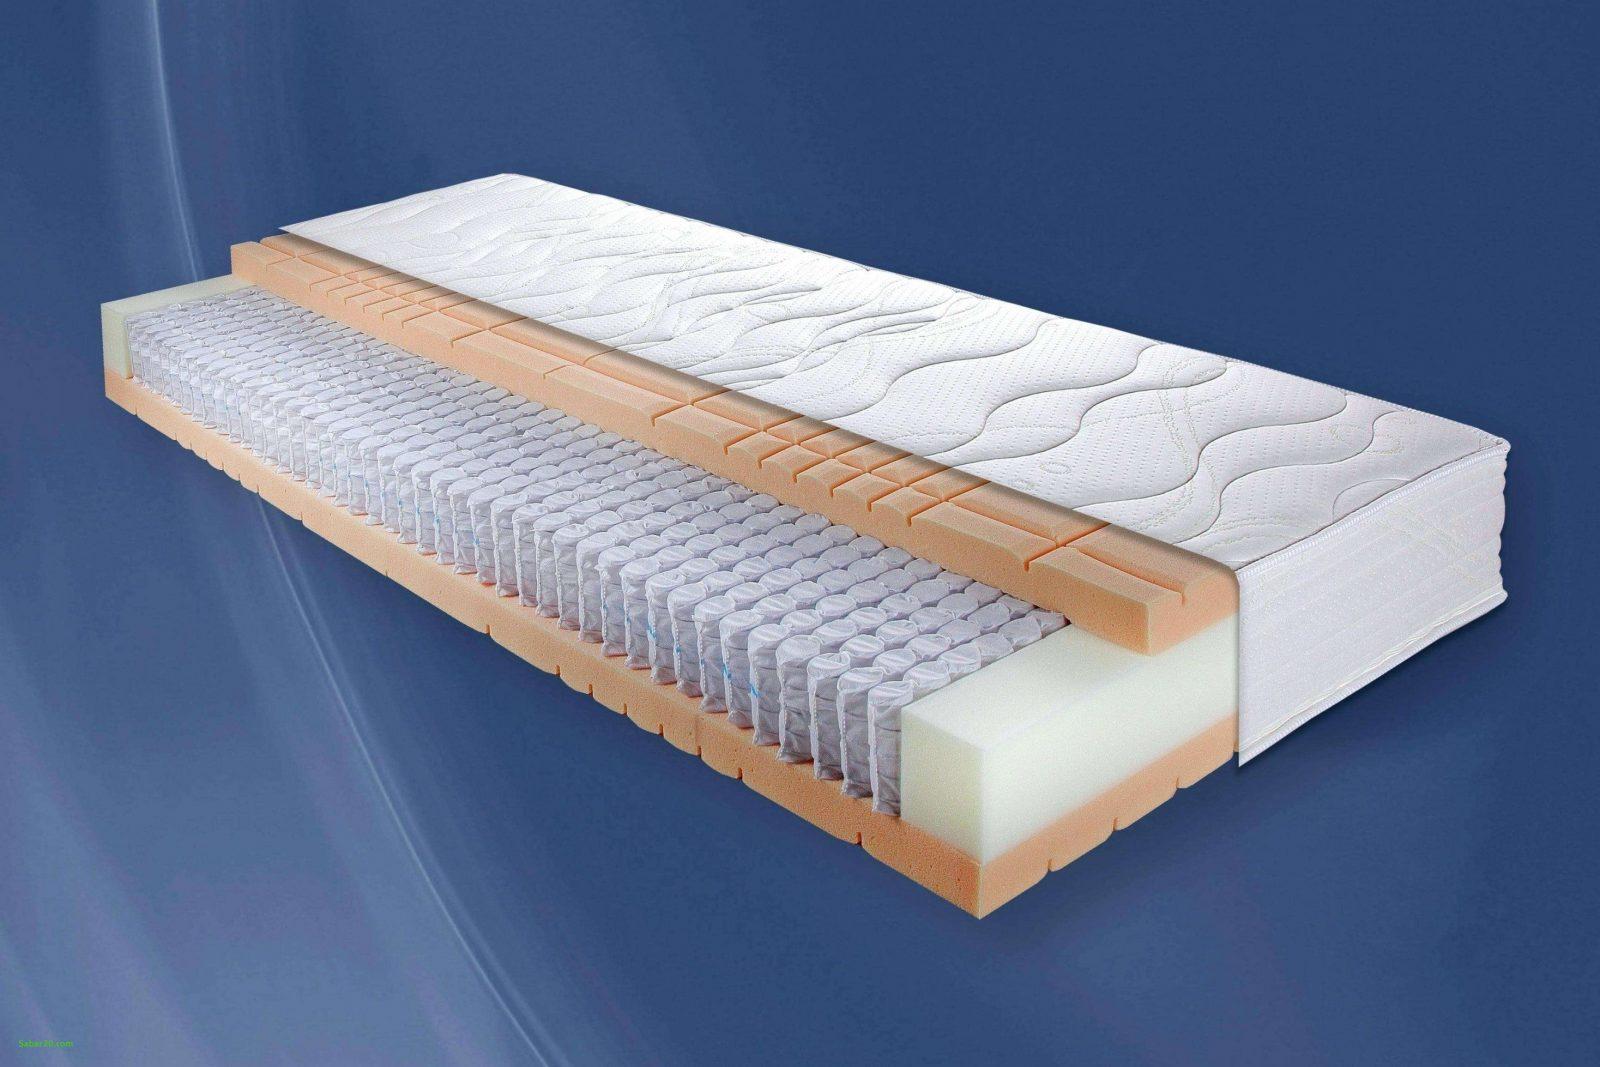 Matratze 70×160 Dänisches Bettenlager Elegant Matratze 60×120 von Matratze 70X160 Dänisches Bettenlager Photo